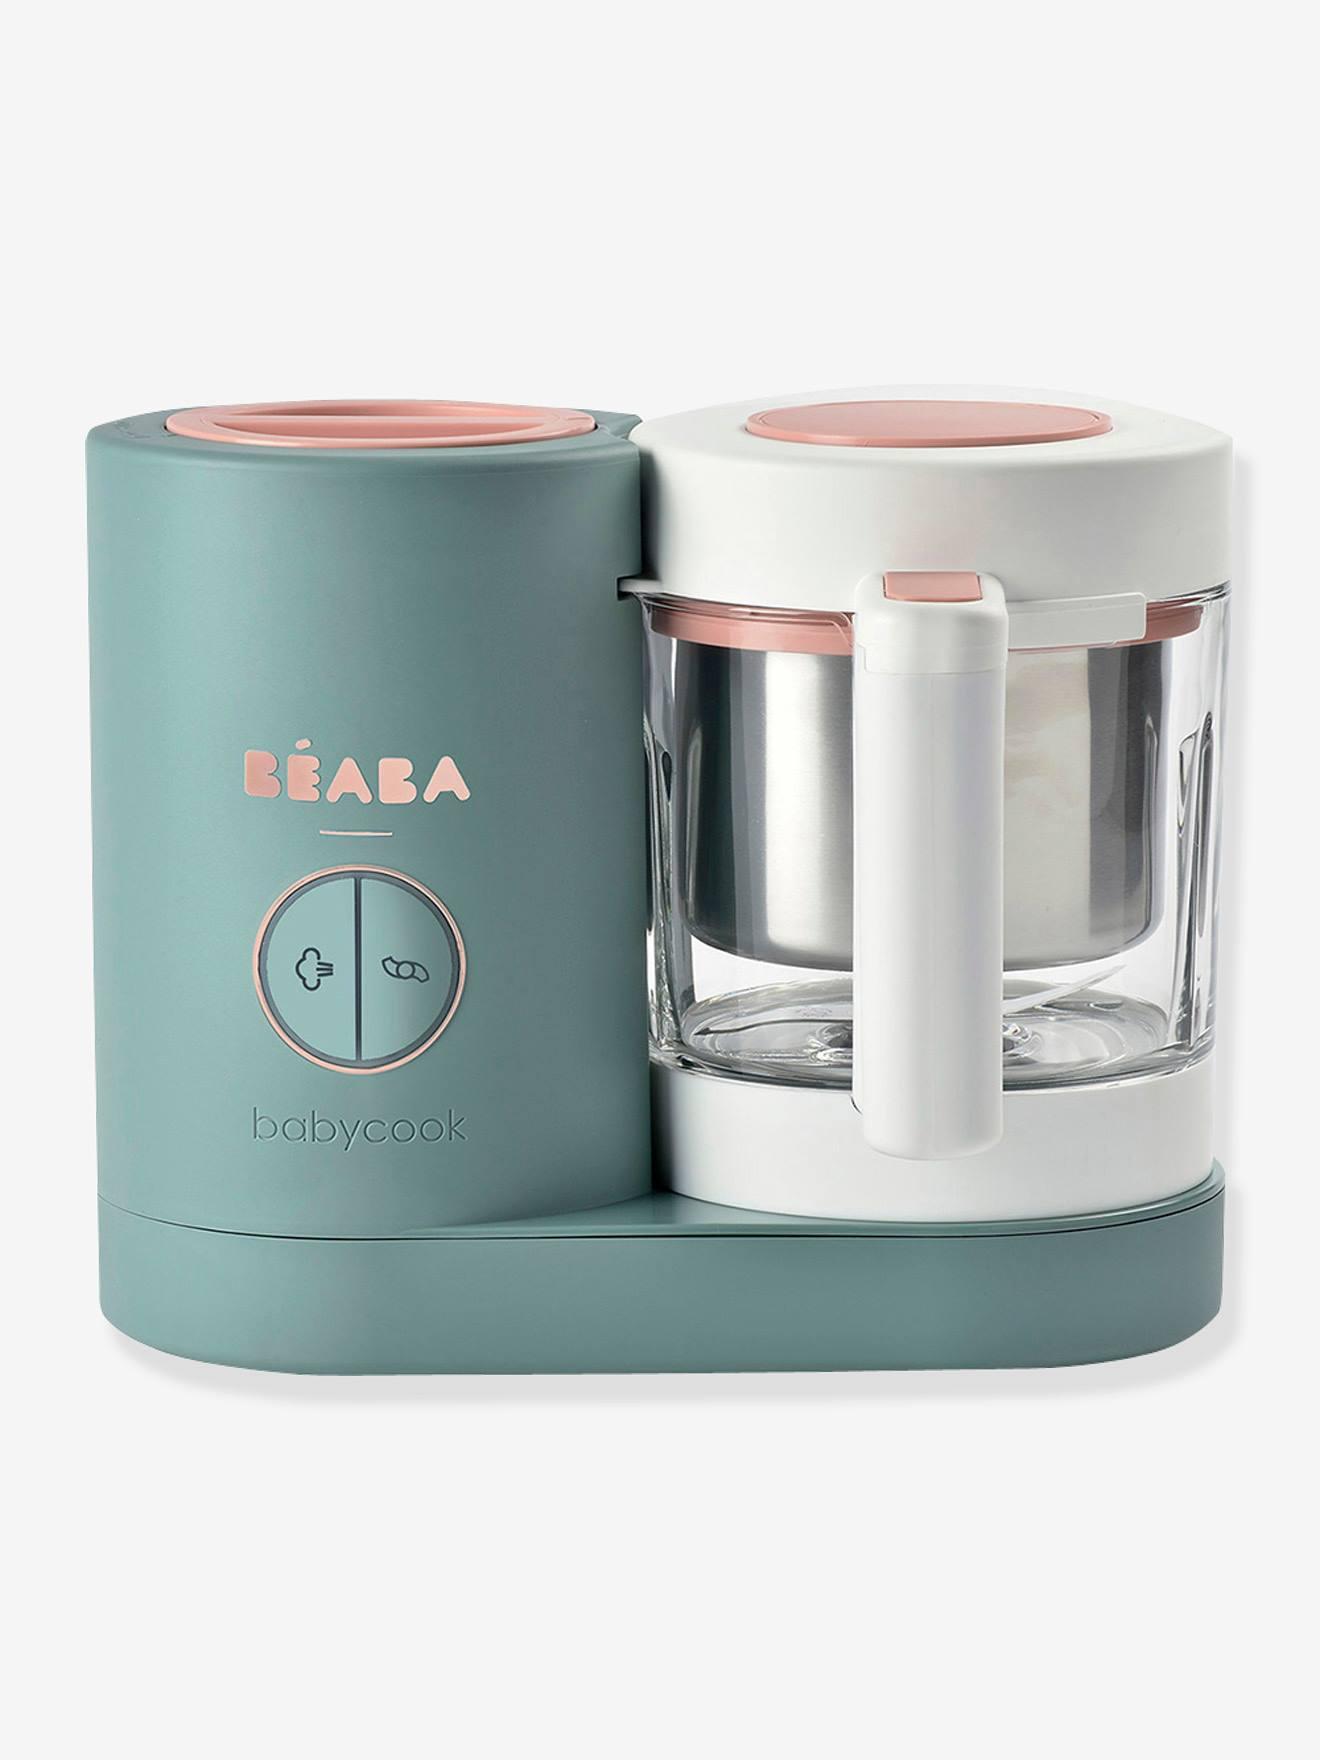 BEABA Robot 4 en 1 BEABA Babycook Neo verde claro liso